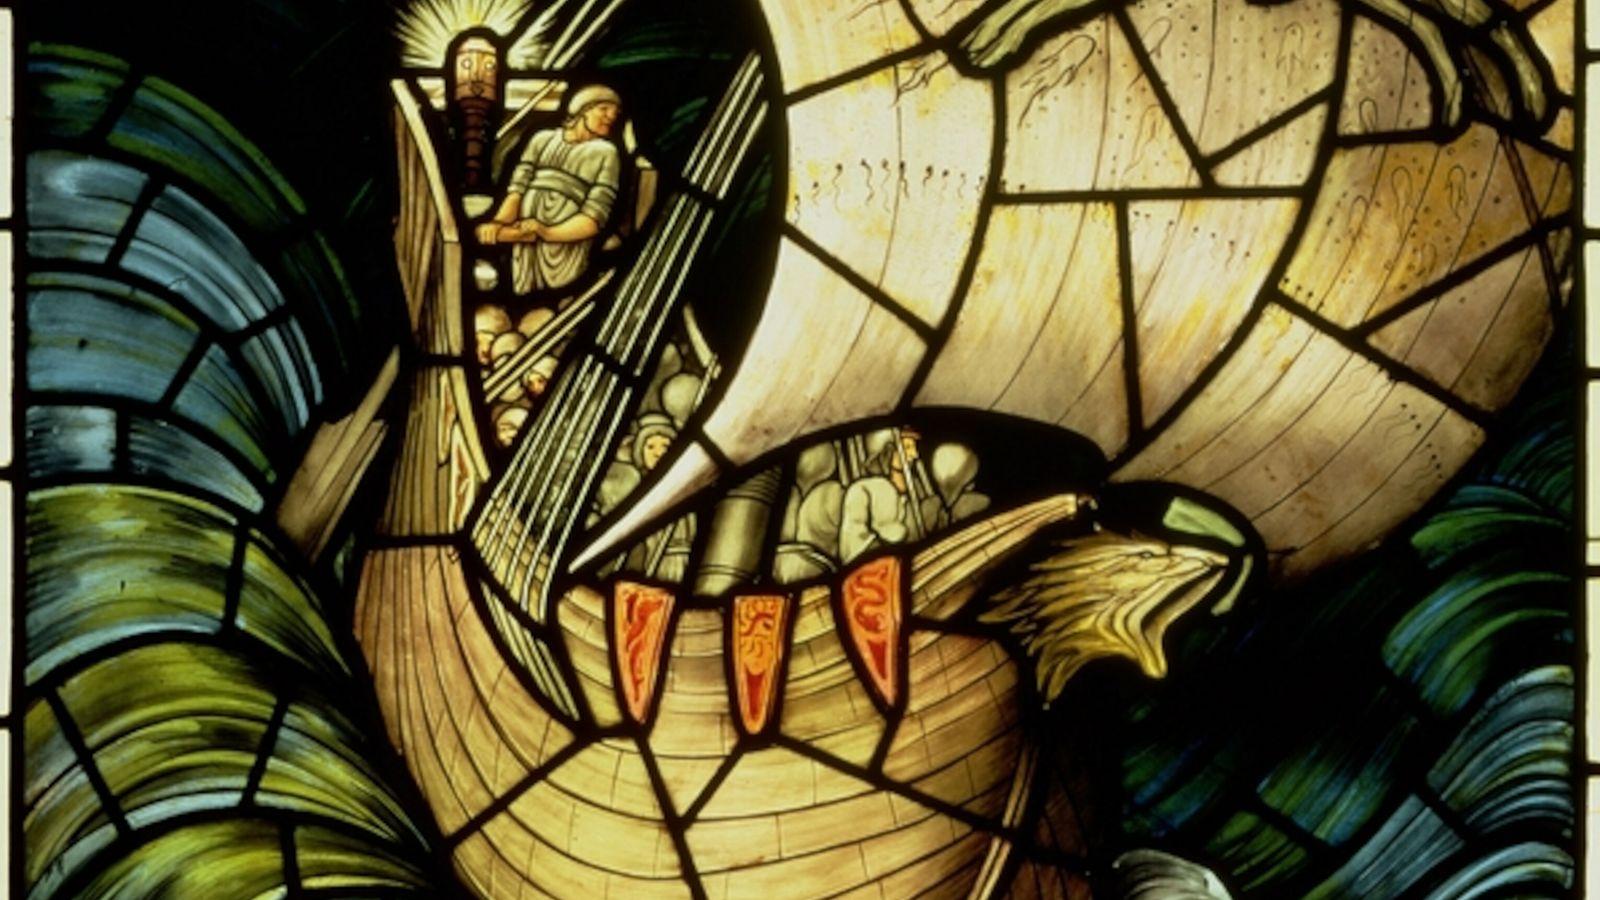 Vidriera con un barco vikingo